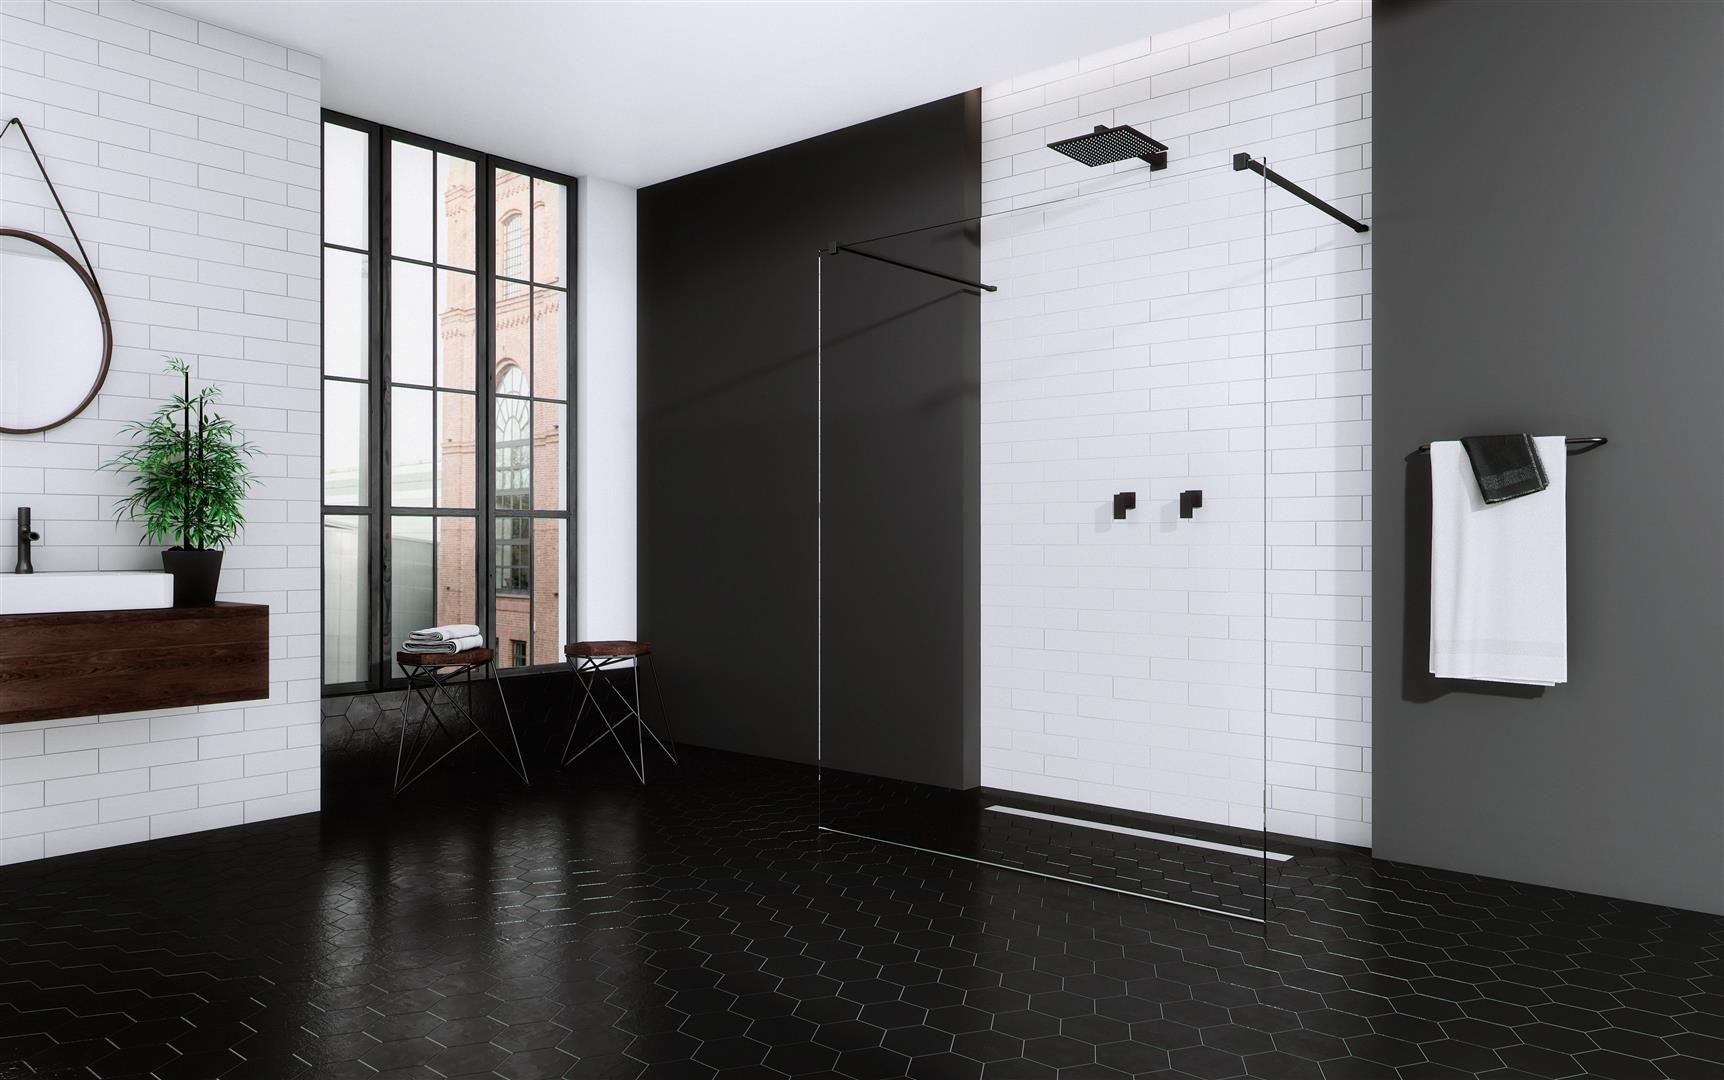 Kabina prysznicowa Modo New Black marki Radaway z czarnymi profilami. Fot. Radaway